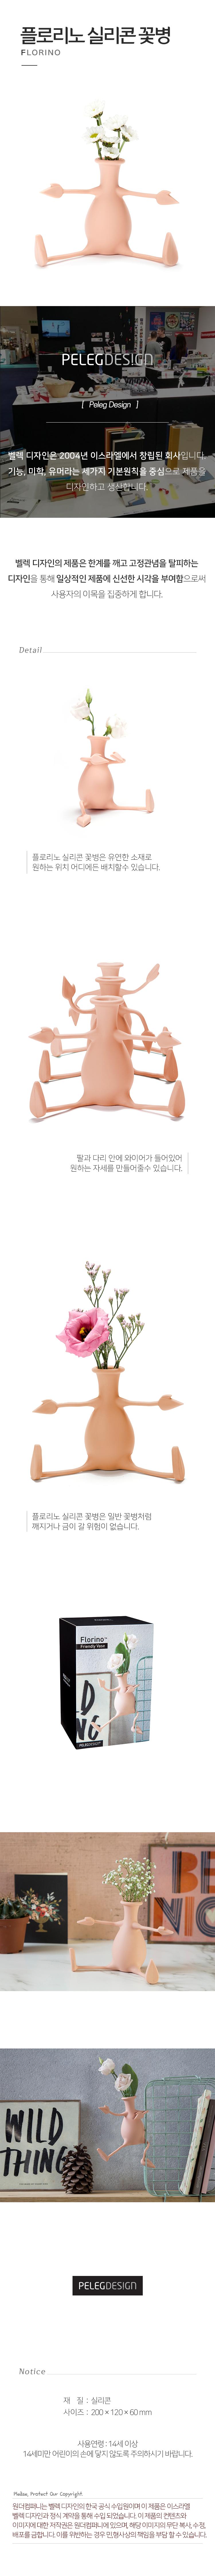 [원더스토어] 벨렉디자인 플로리노 실리콘 꽃병 - 원더스토어, 25,000원, 아이디어 상품, 아이디어 상품